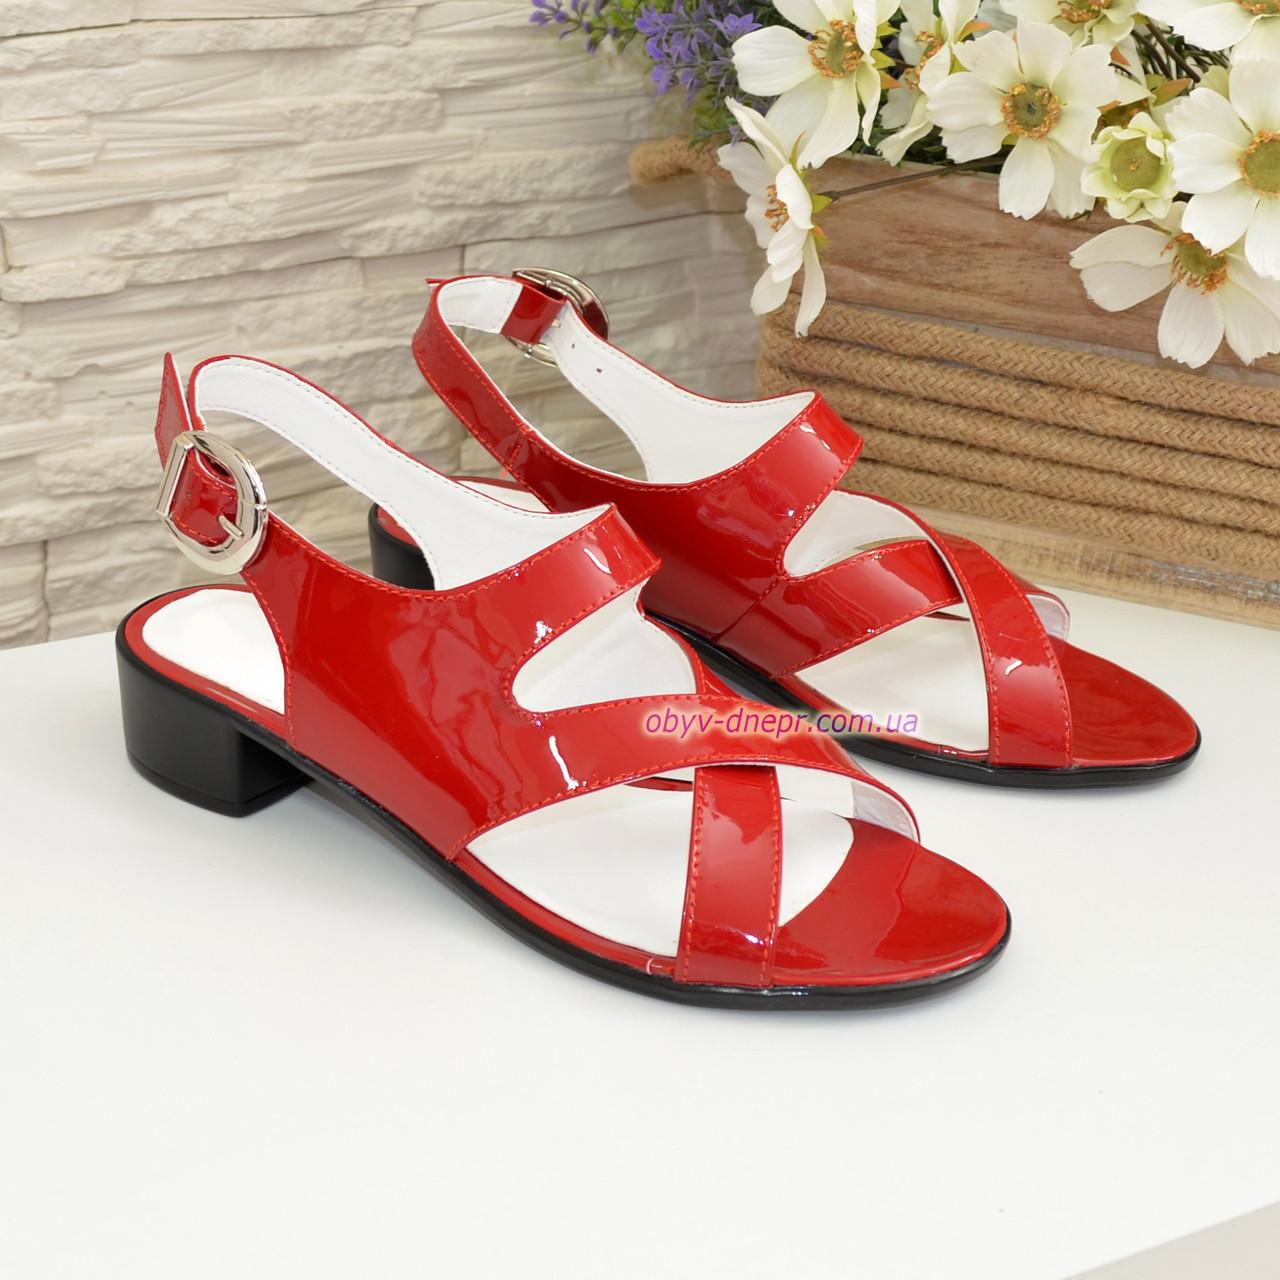 Женские босоножки на невысоком каблуке из натуральной лаковой кожи красного цвета